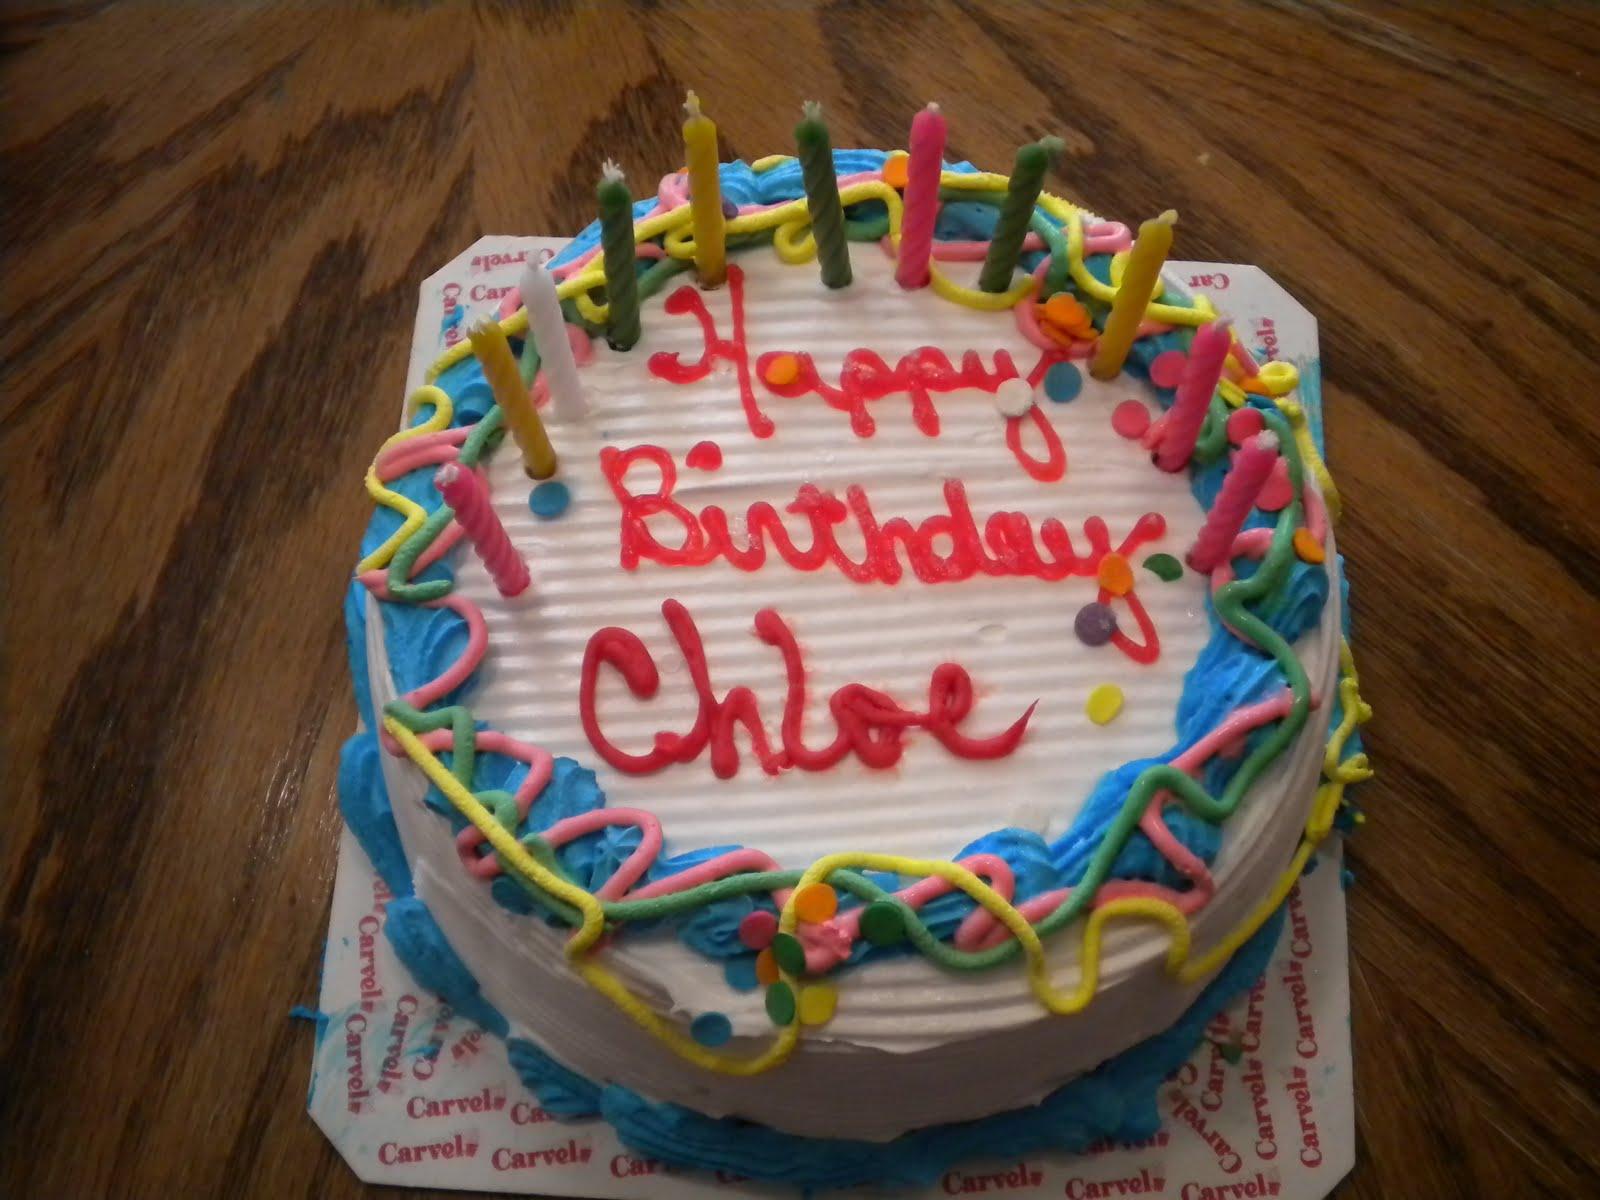 Happy Birthday Chloe Cake